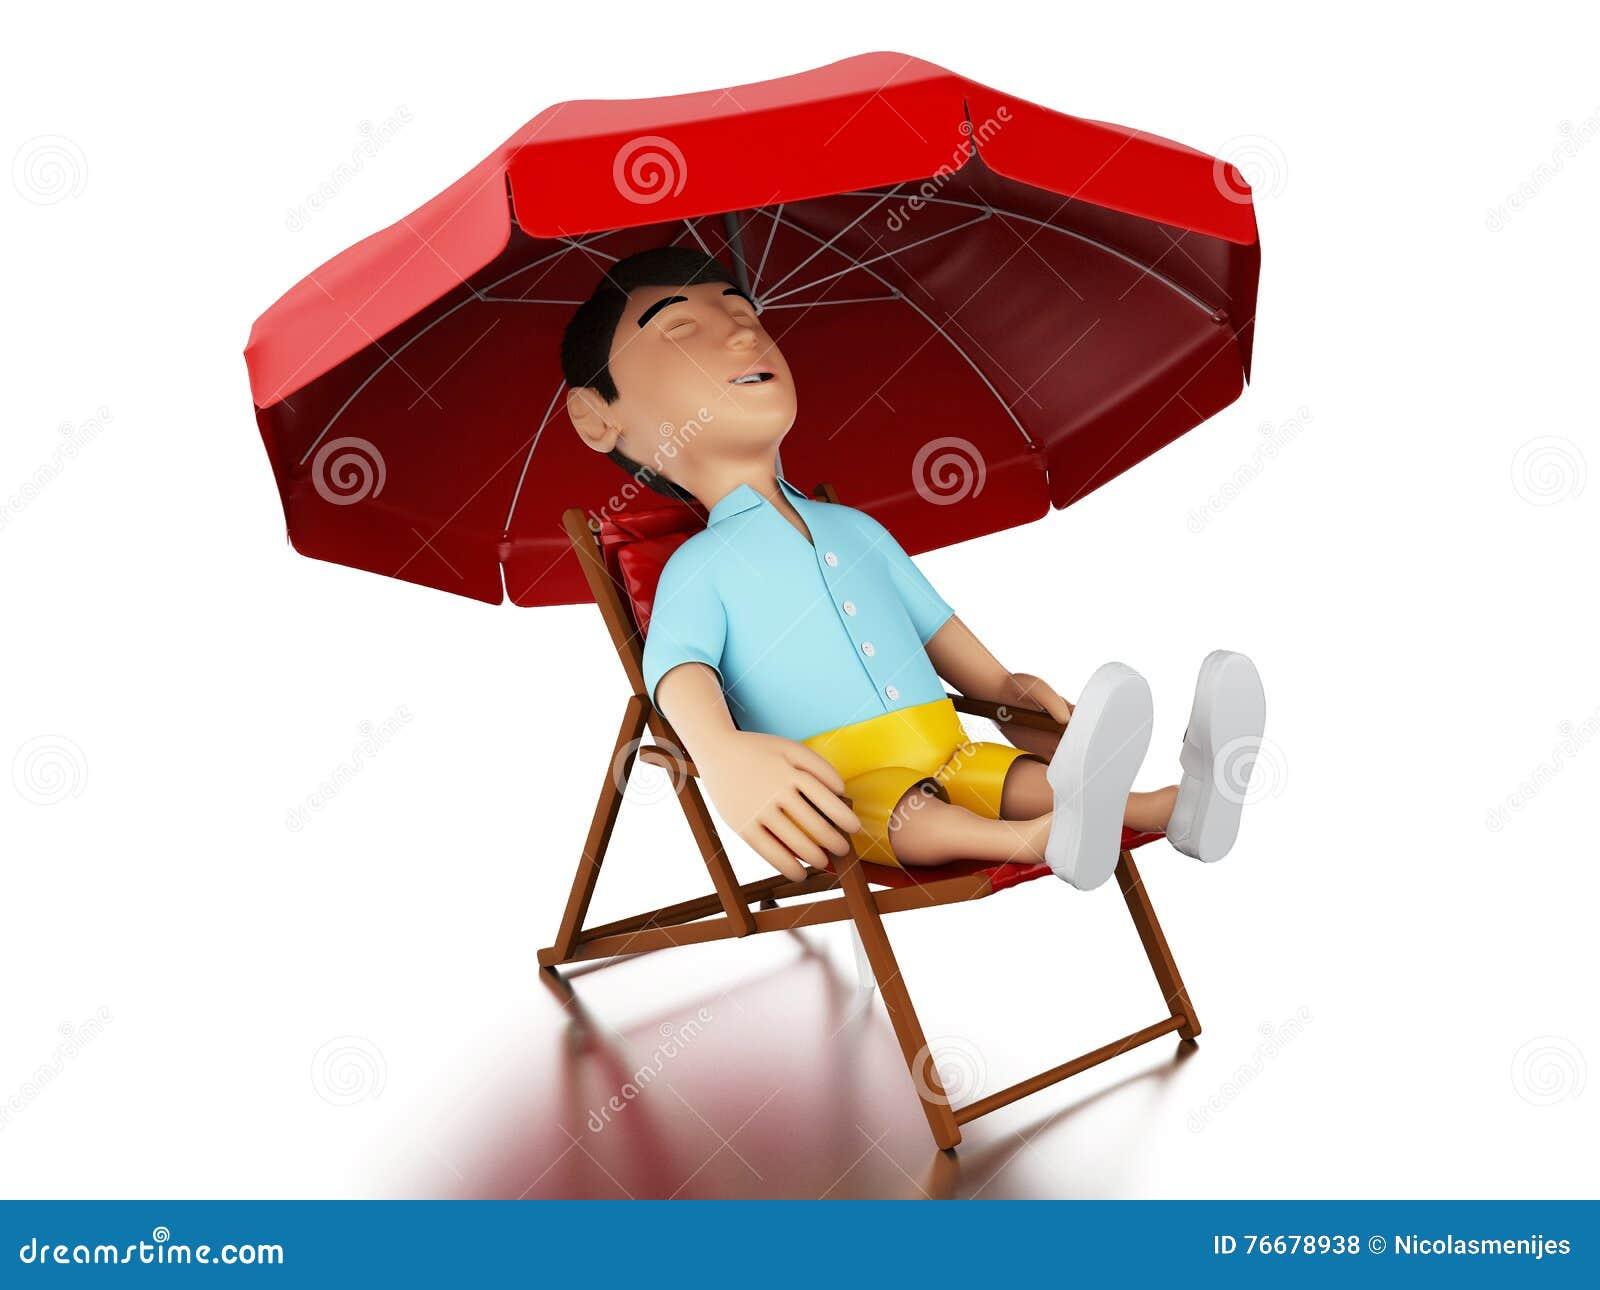 Hombre 3d Relajado En Una Silla De Playa Stock de ilustración ... c937da4e273a